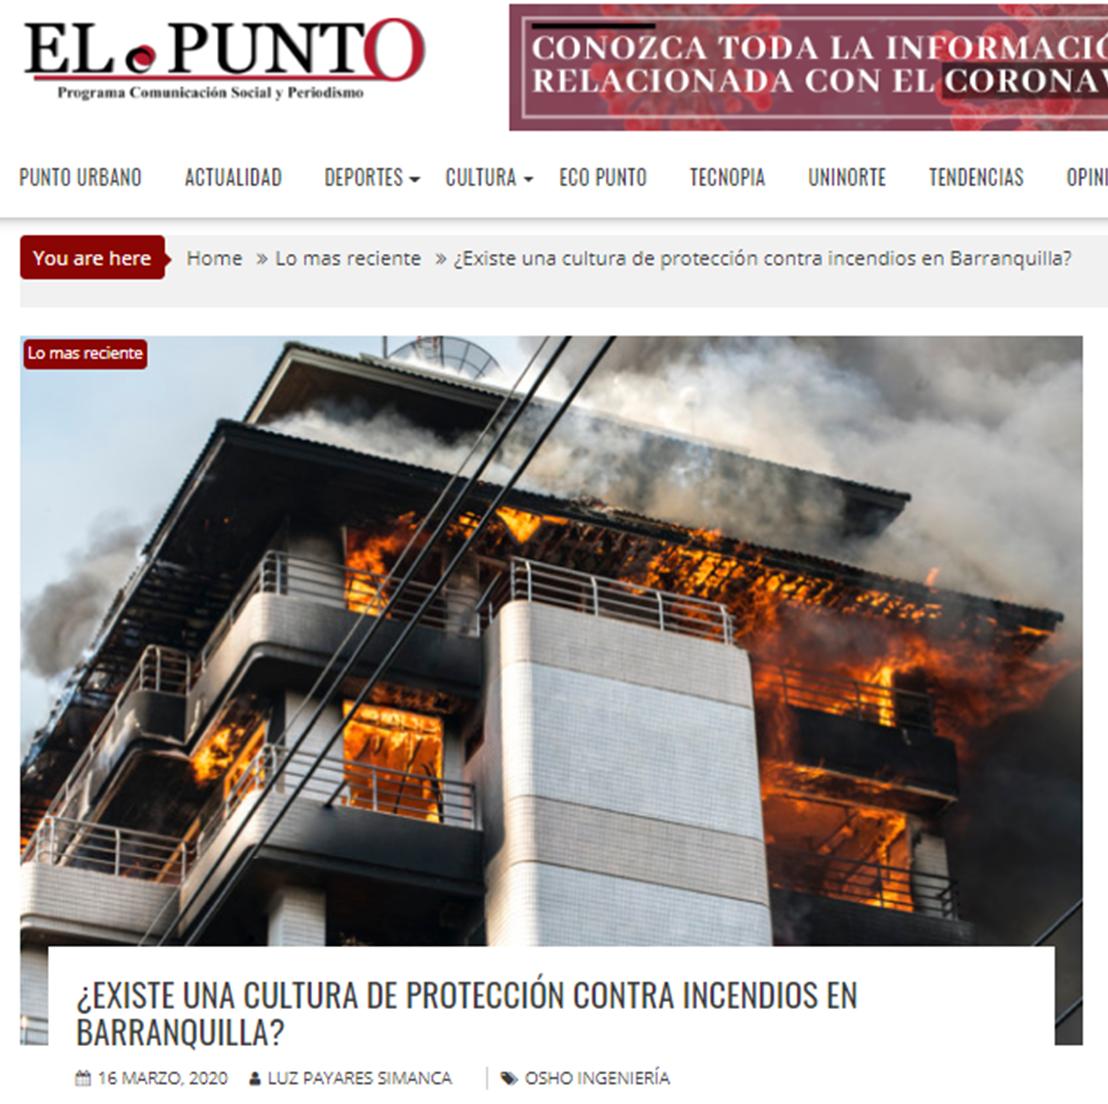 ¿Existe una cultura de protección contra incendios en Barranquilla?